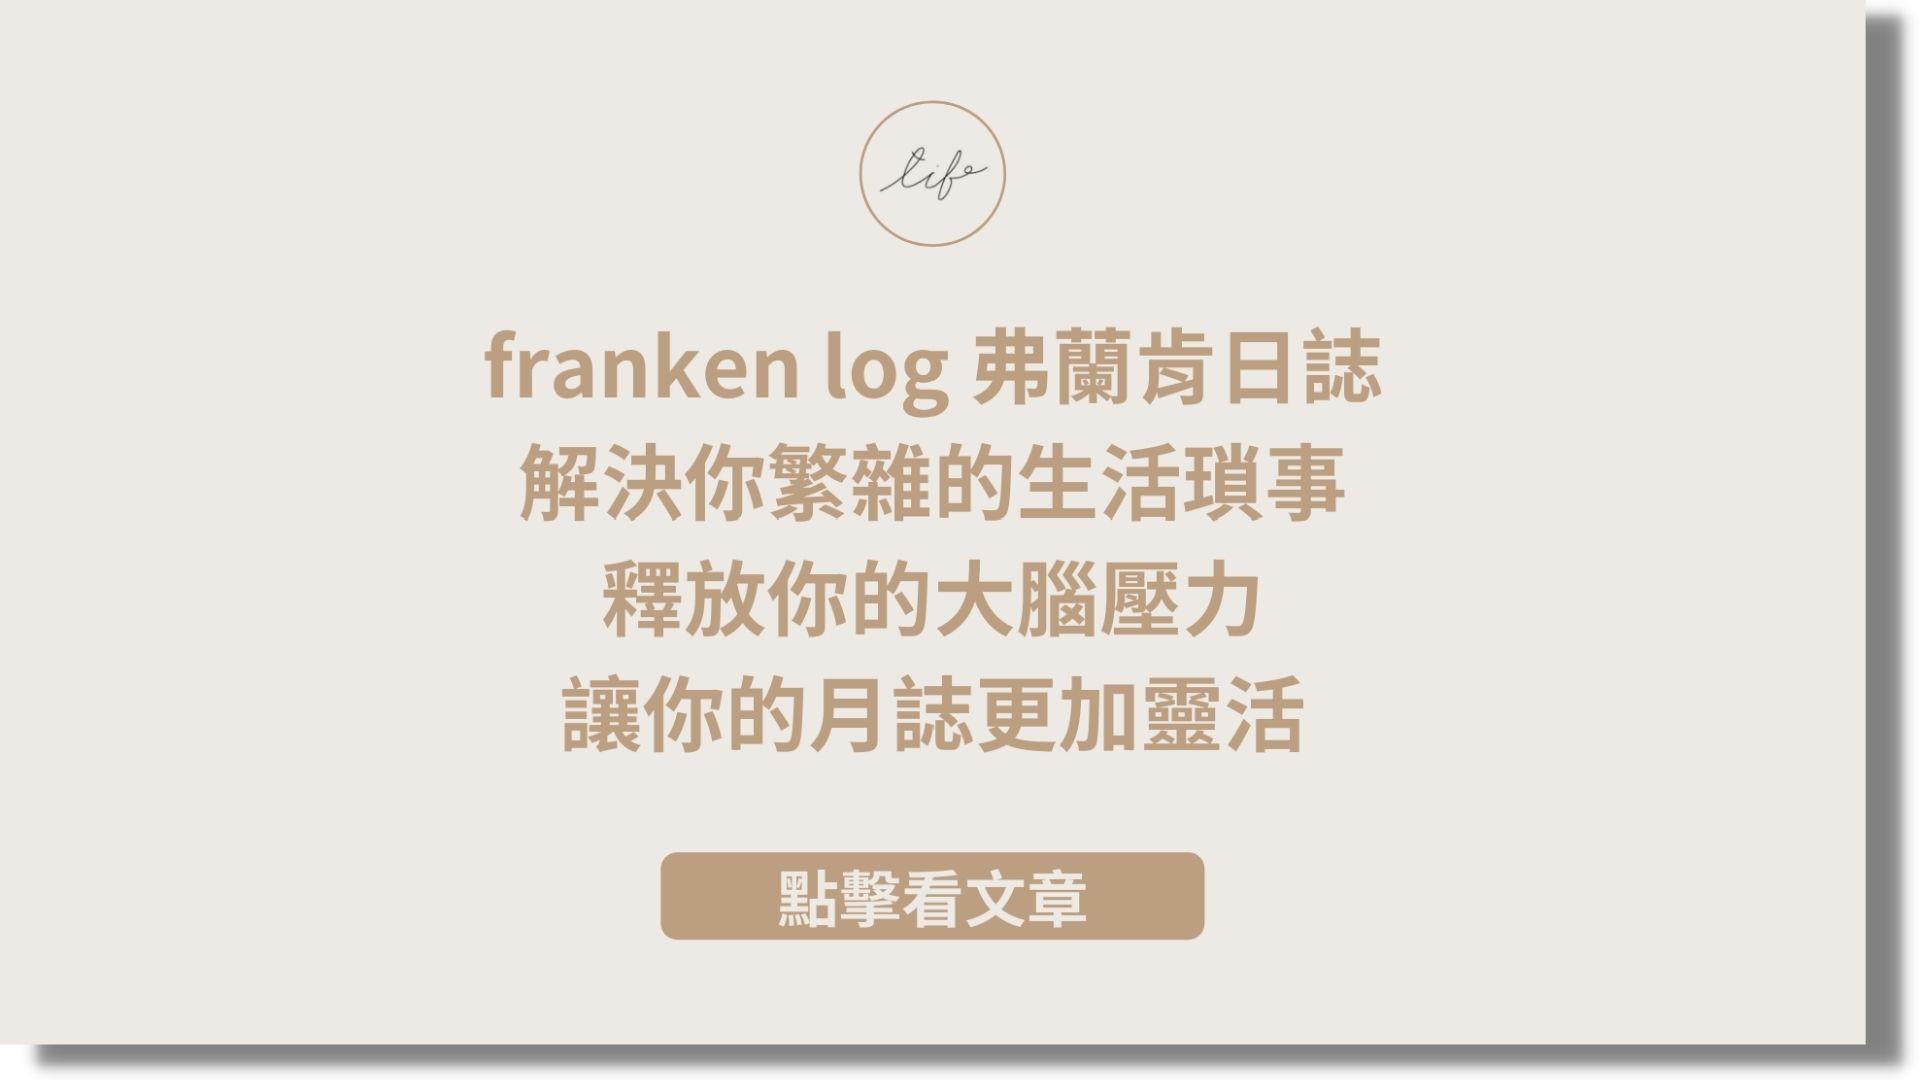 You are currently viewing franken log ,弗蘭肯日誌,解決你繁雜的生活瑣事,釋放你的大腦壓力,讓你的月誌更加靈活